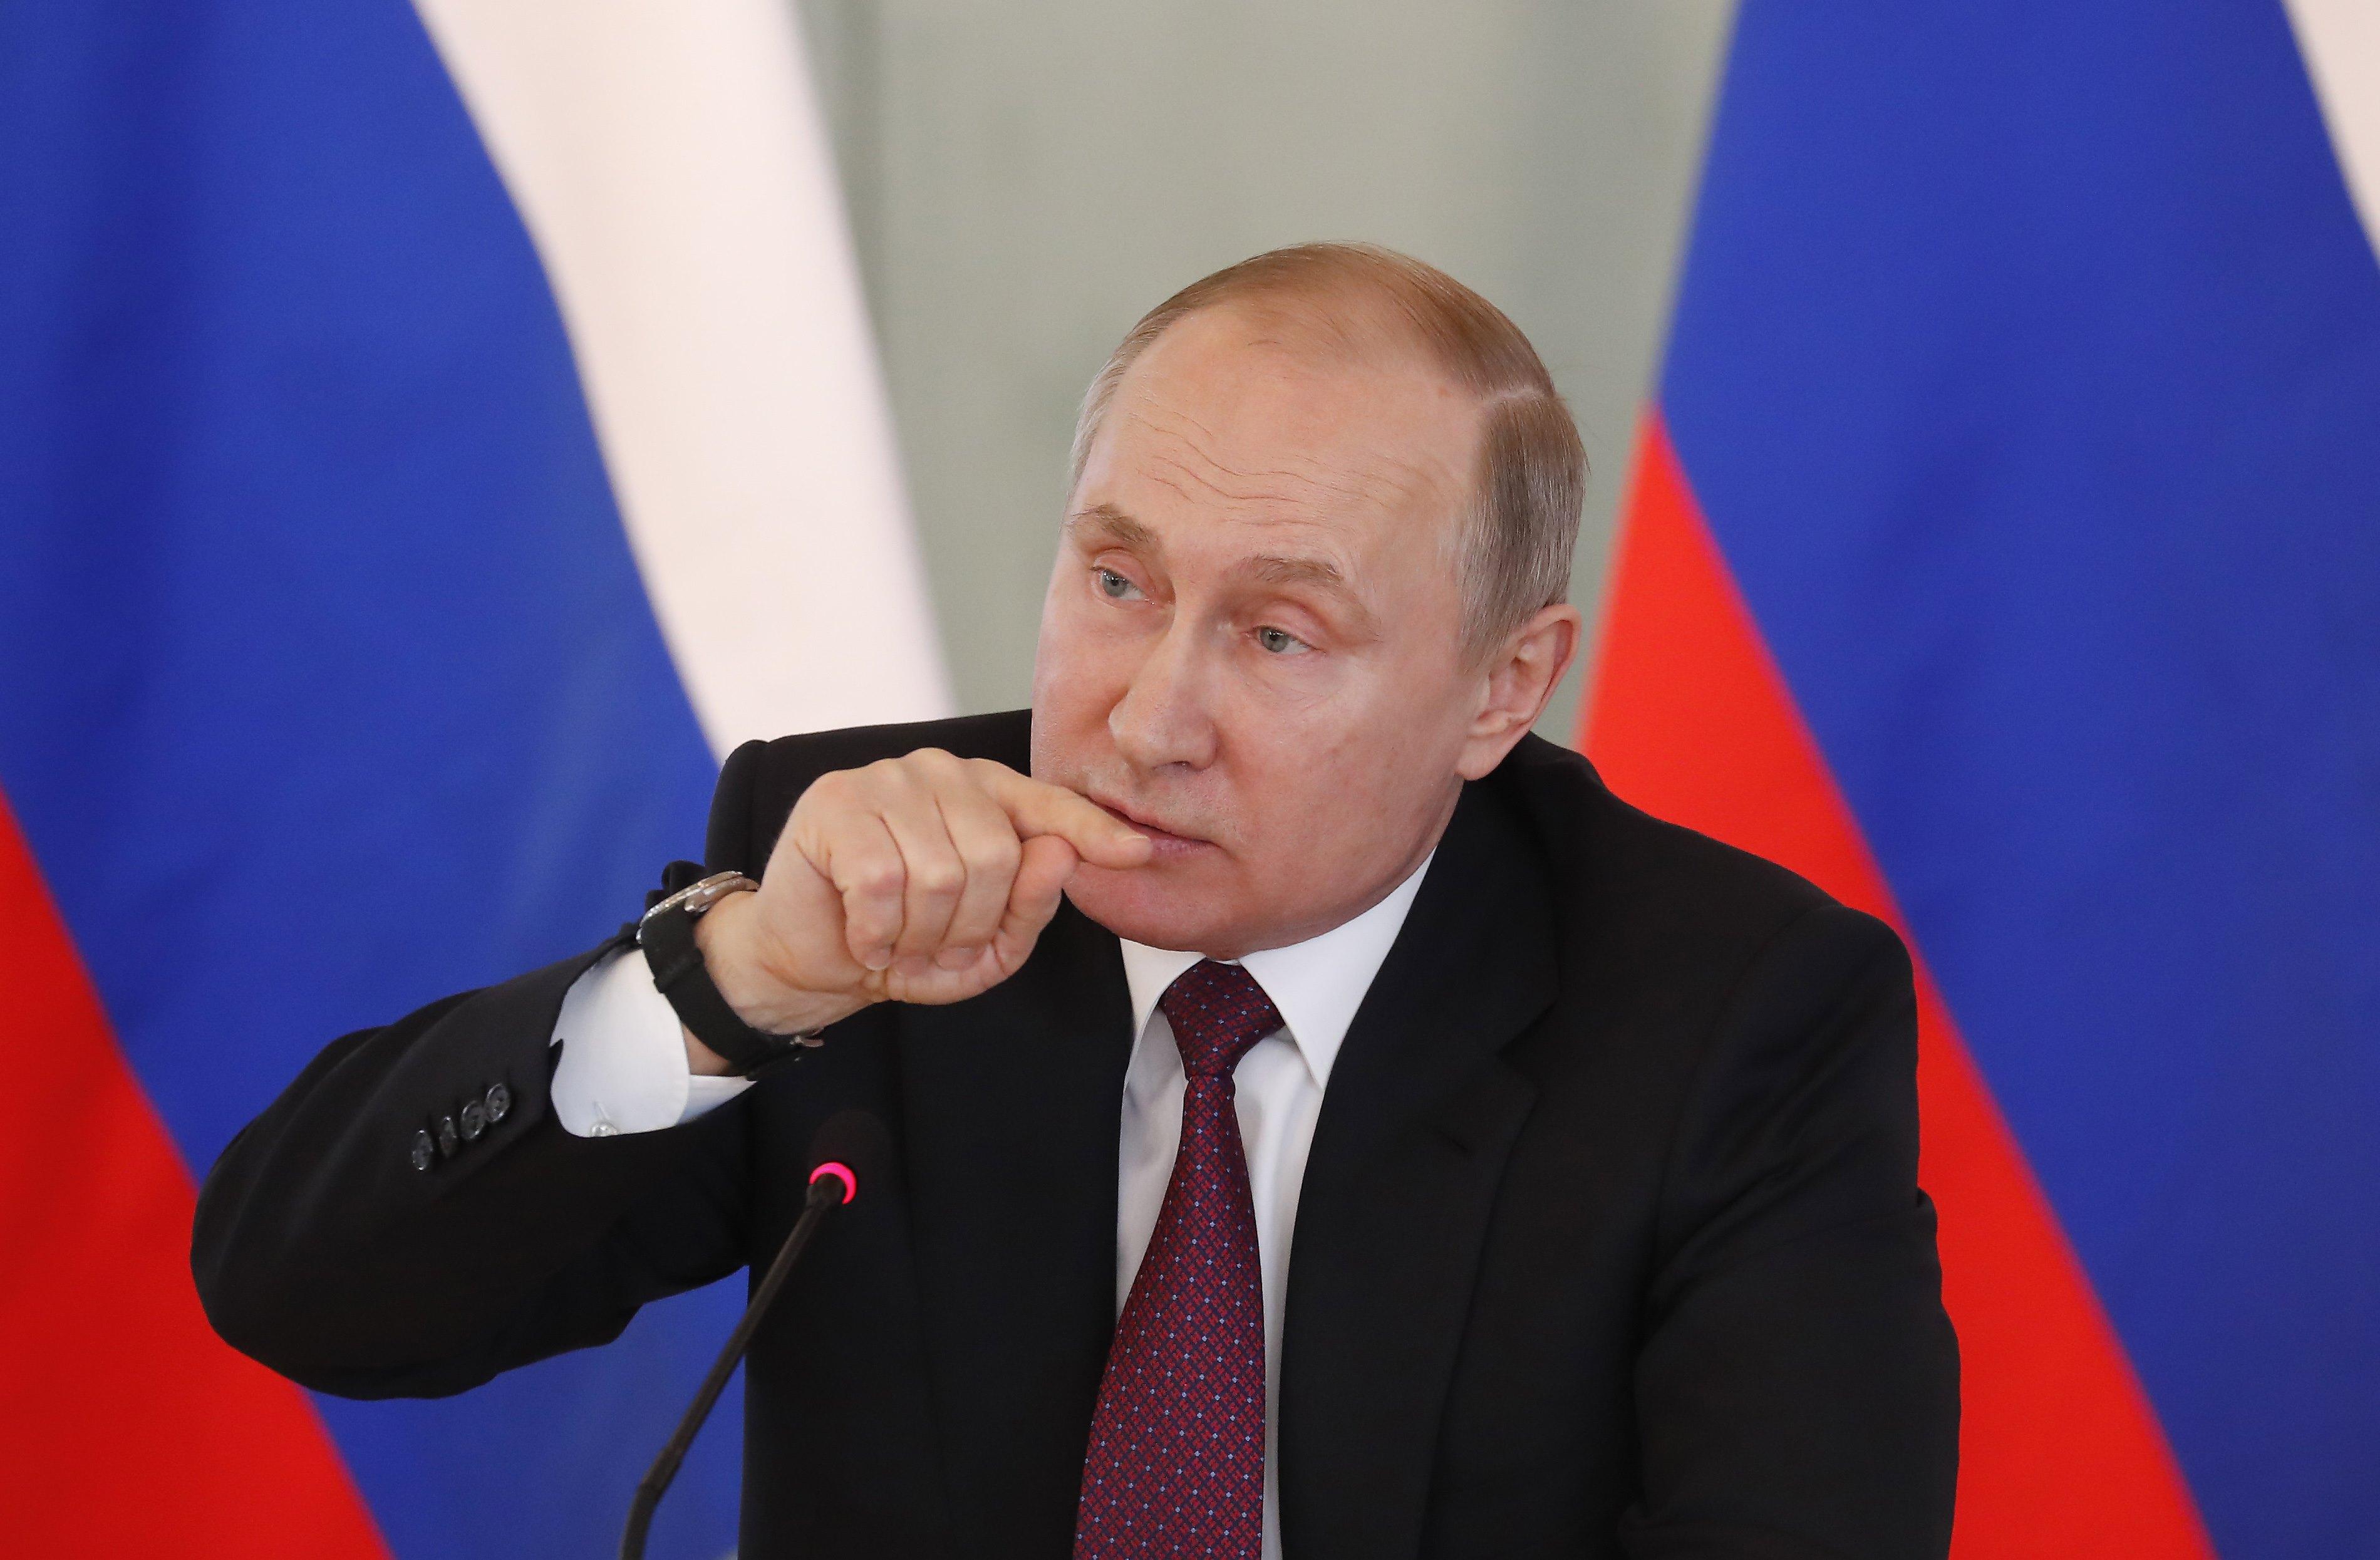 В России есть выбор между Владимиром Путиным и Владимиром Путиным, отметил журналист